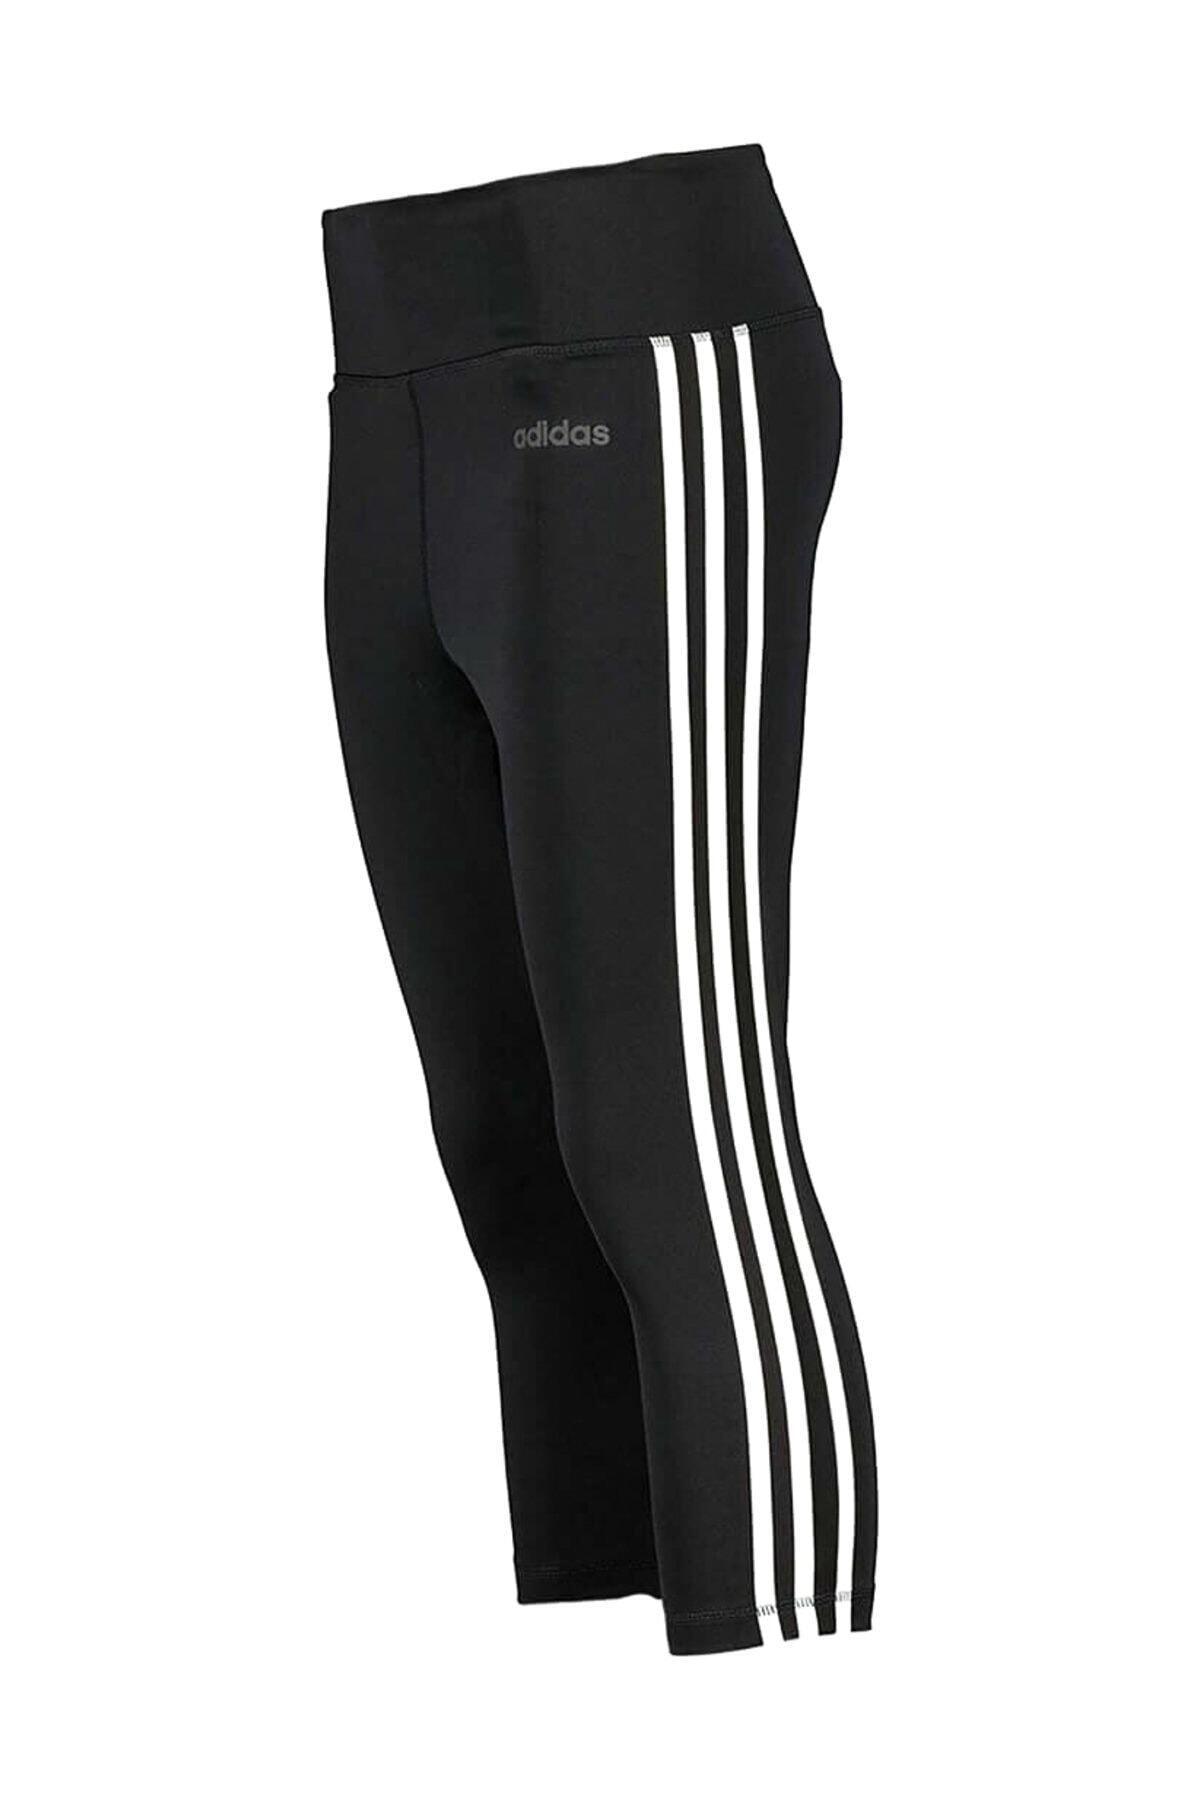 سفارش لگ ورزشی زنانه ارزان برند آدیداس رنگ لاجوردی کد ty16504909